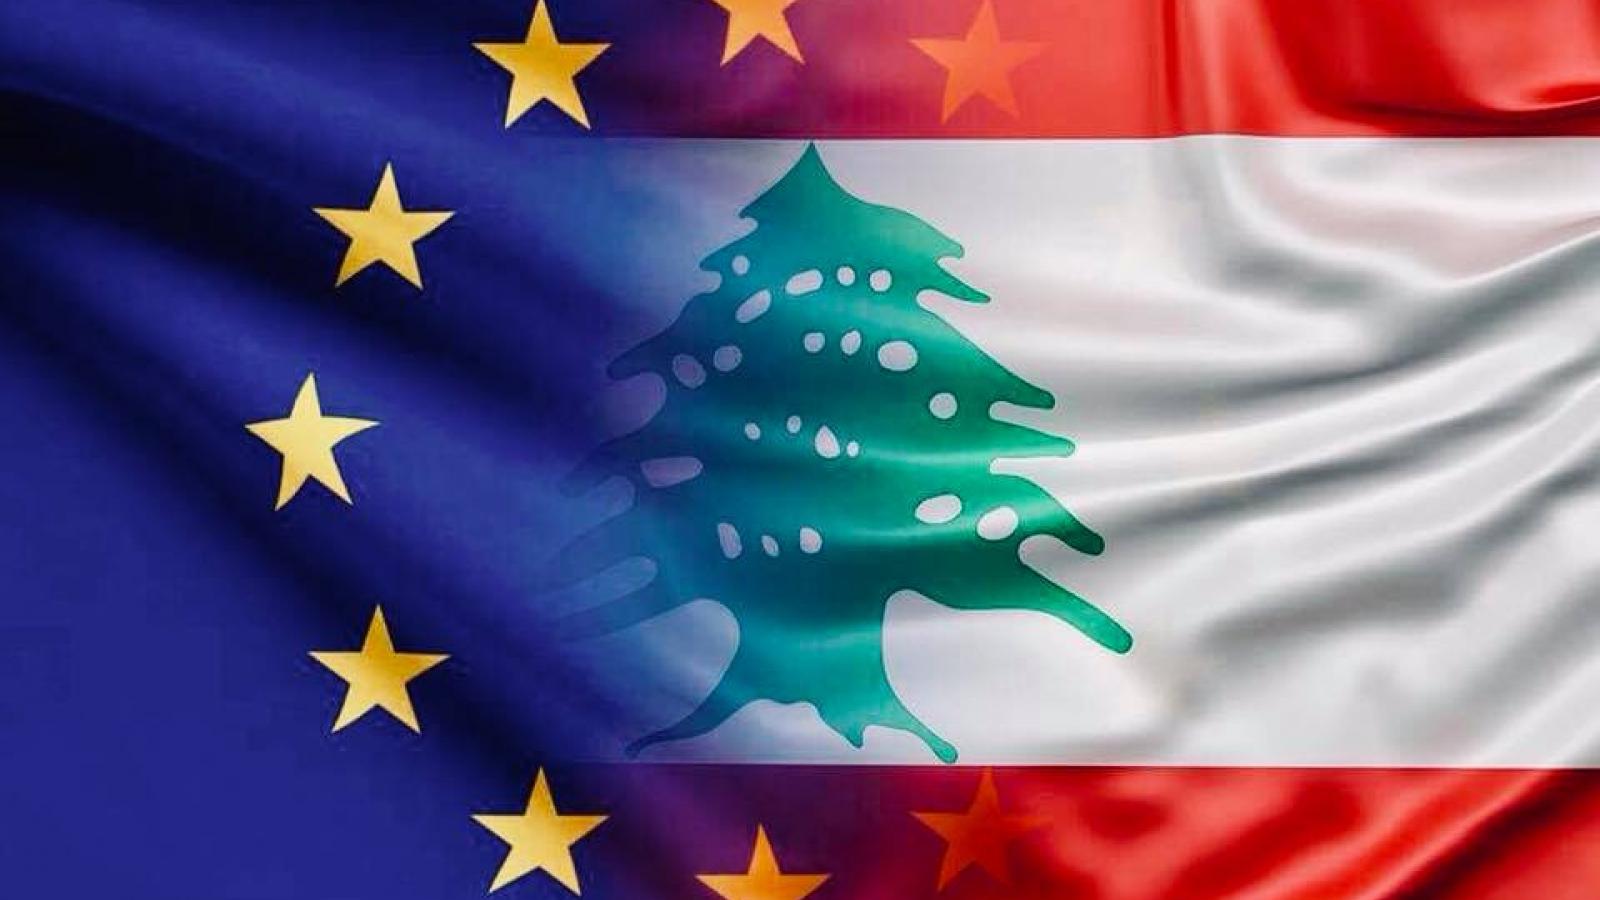 الاتحاد الأوروبي: لم نؤيّد قطّ توطين اللاجئين السوريين في لبنان